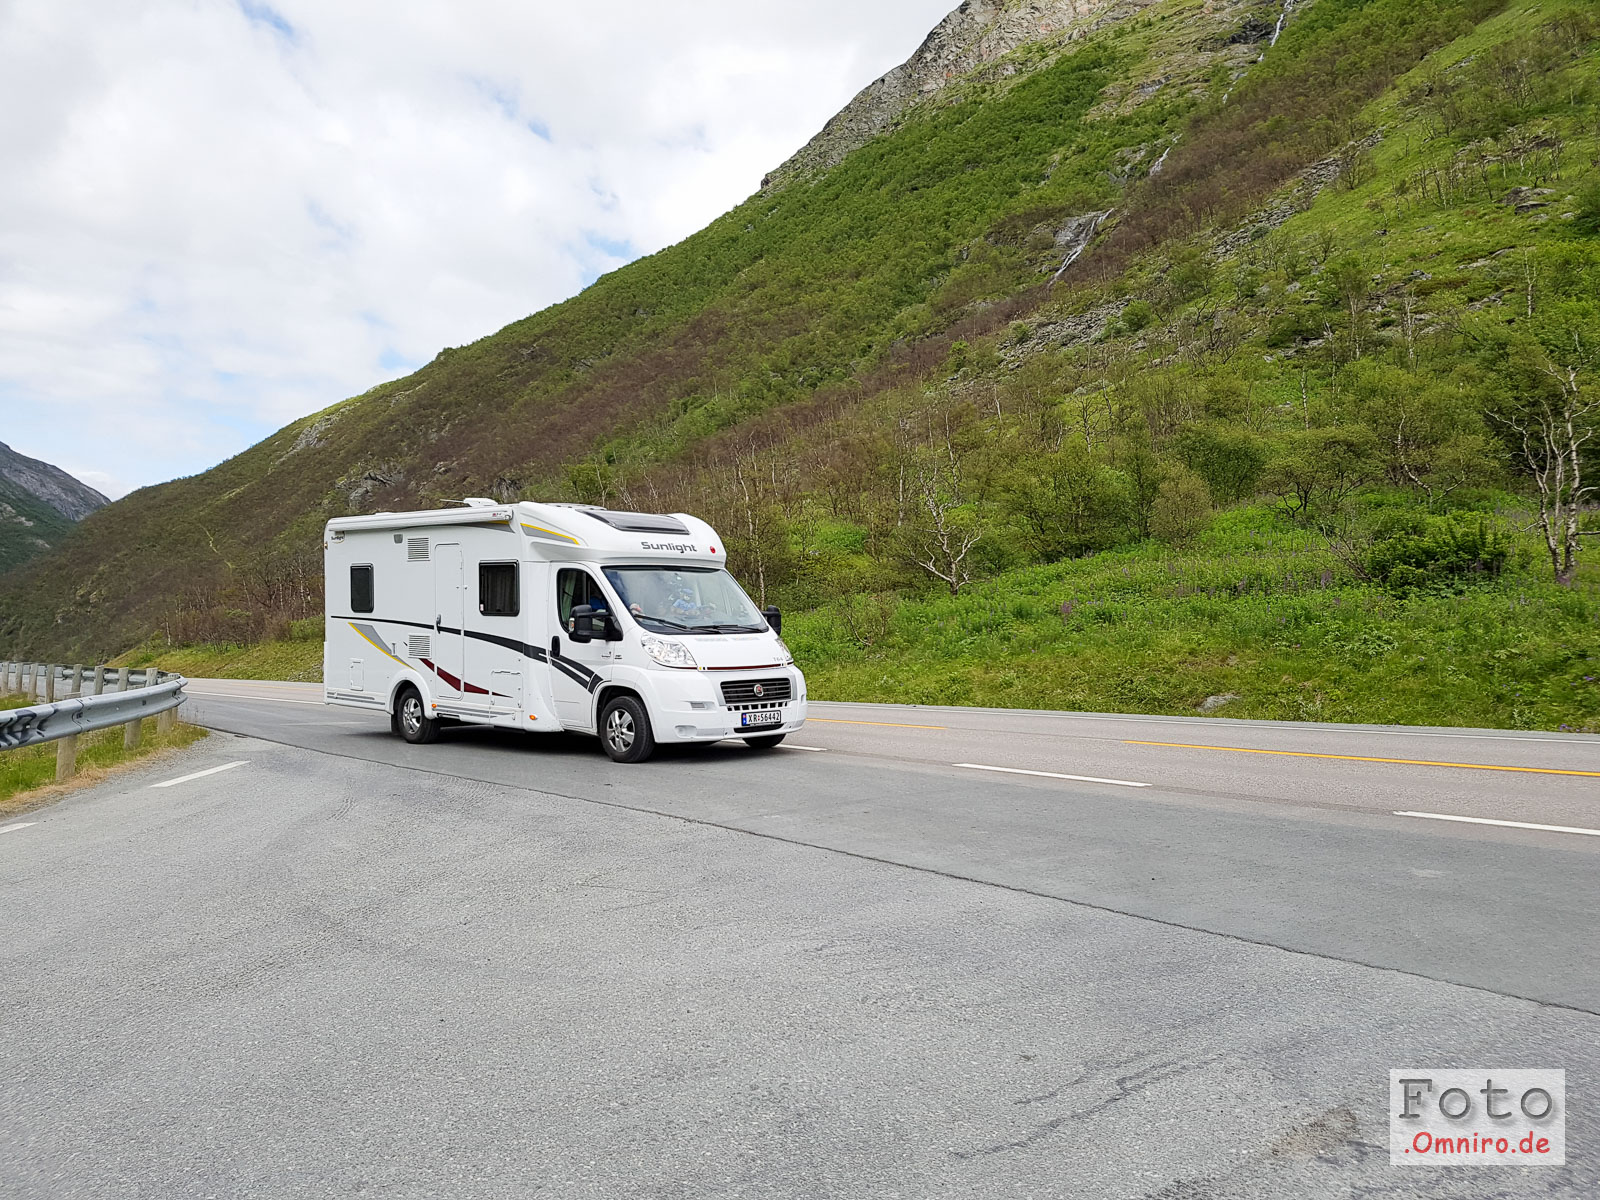 Ein nettes norwegisches Ehepaar nimmt mich als Anhalter mit zum 6 km entfernten Parkplatz